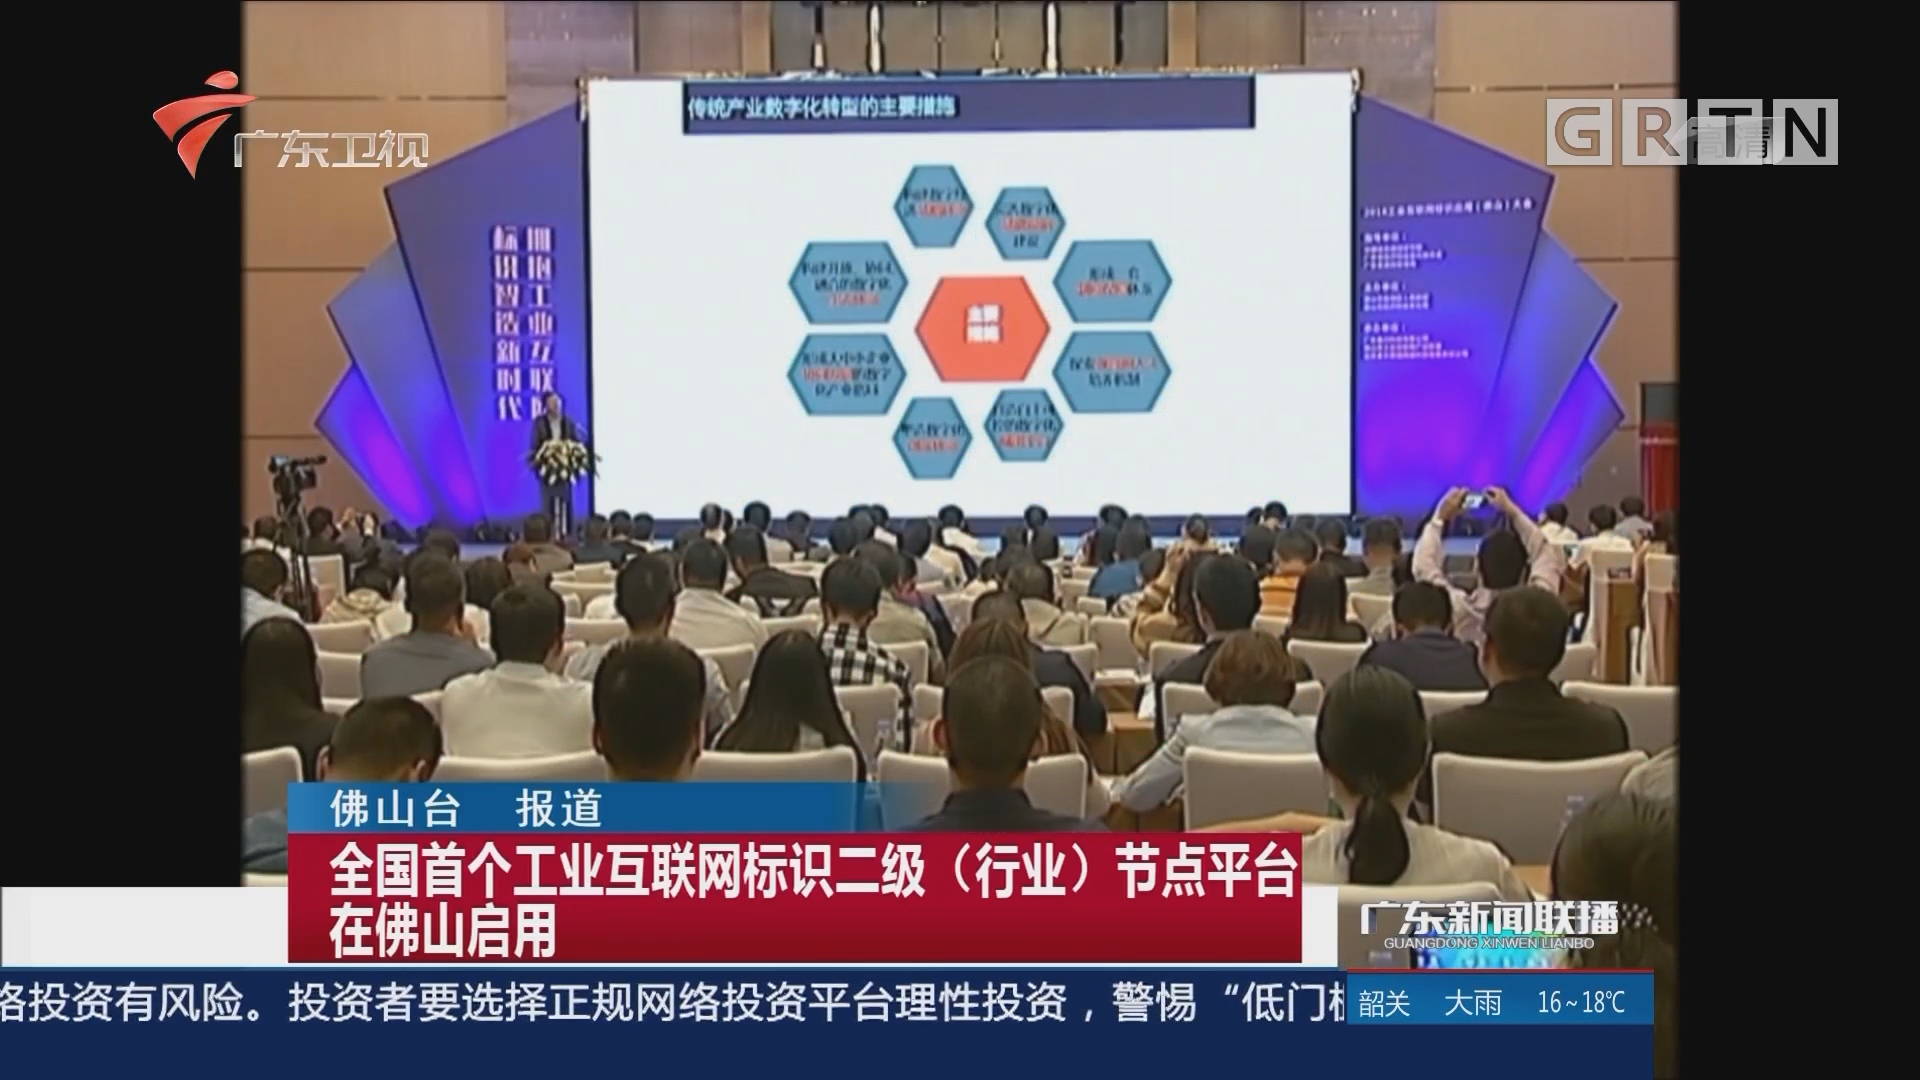 全国首个工业互联网标识二级(行业)节点平台在佛山启用